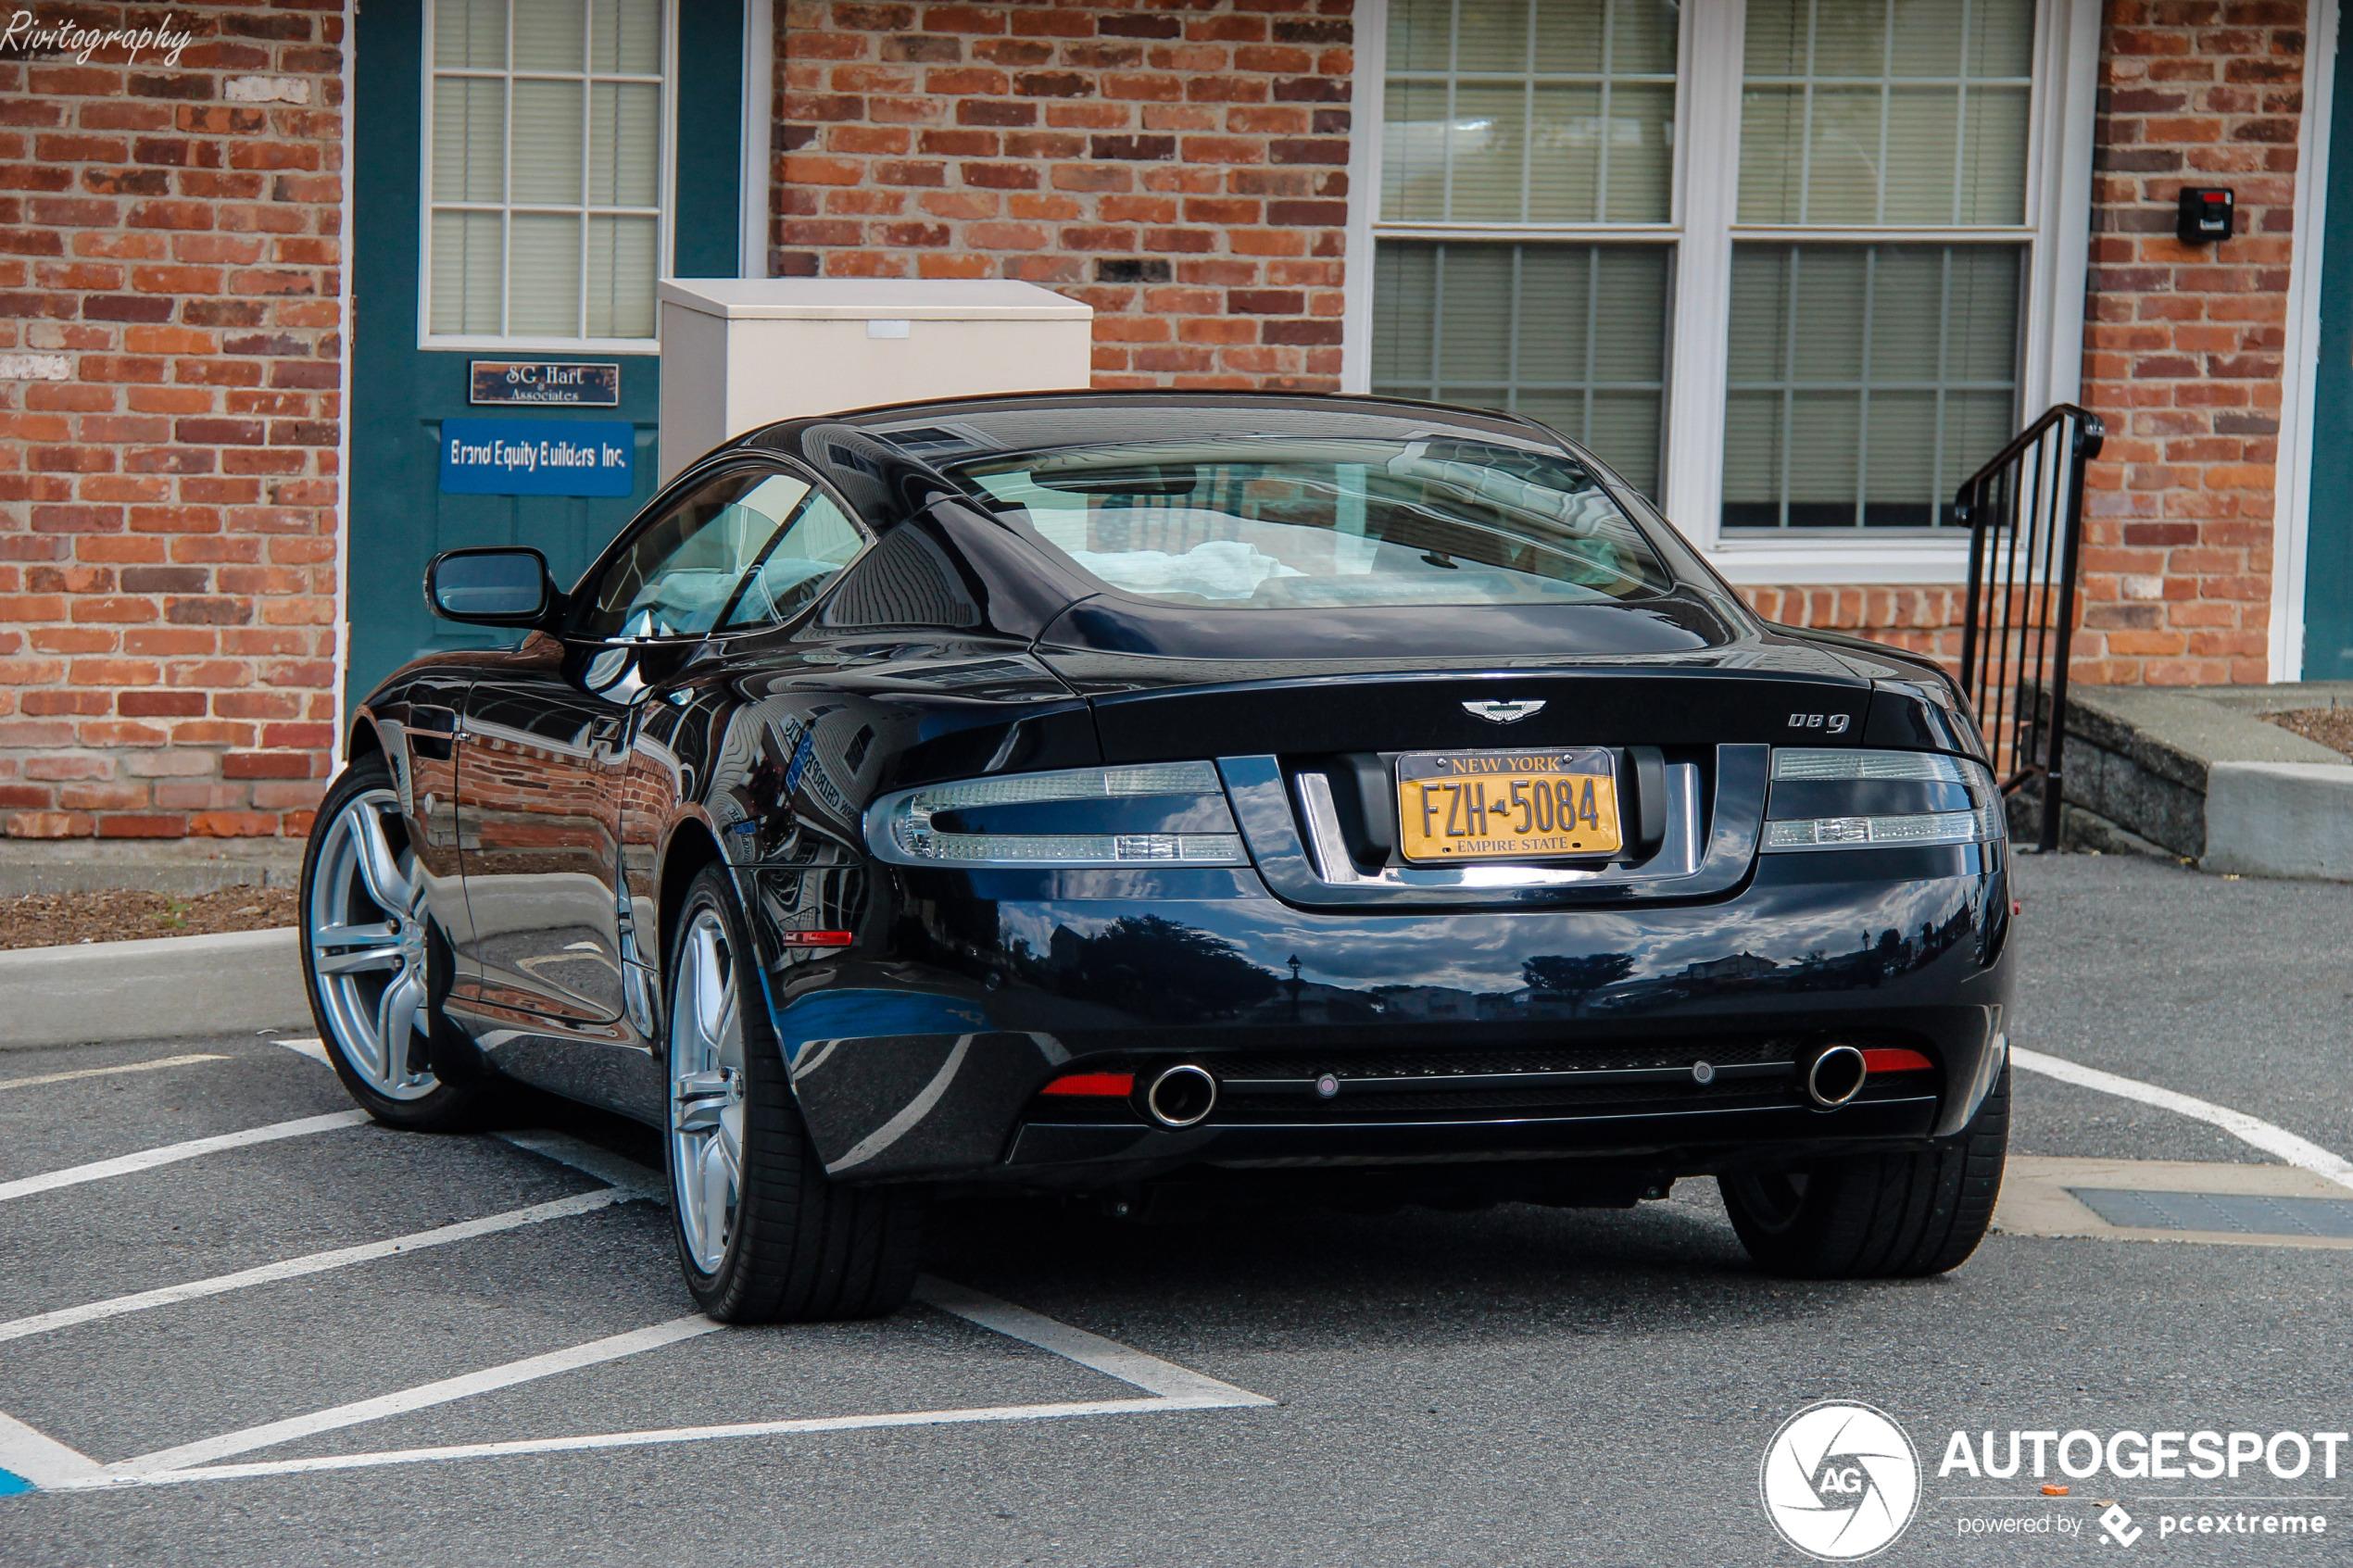 Aston Martin DB9 - 24 maart 2020 - Autogespot